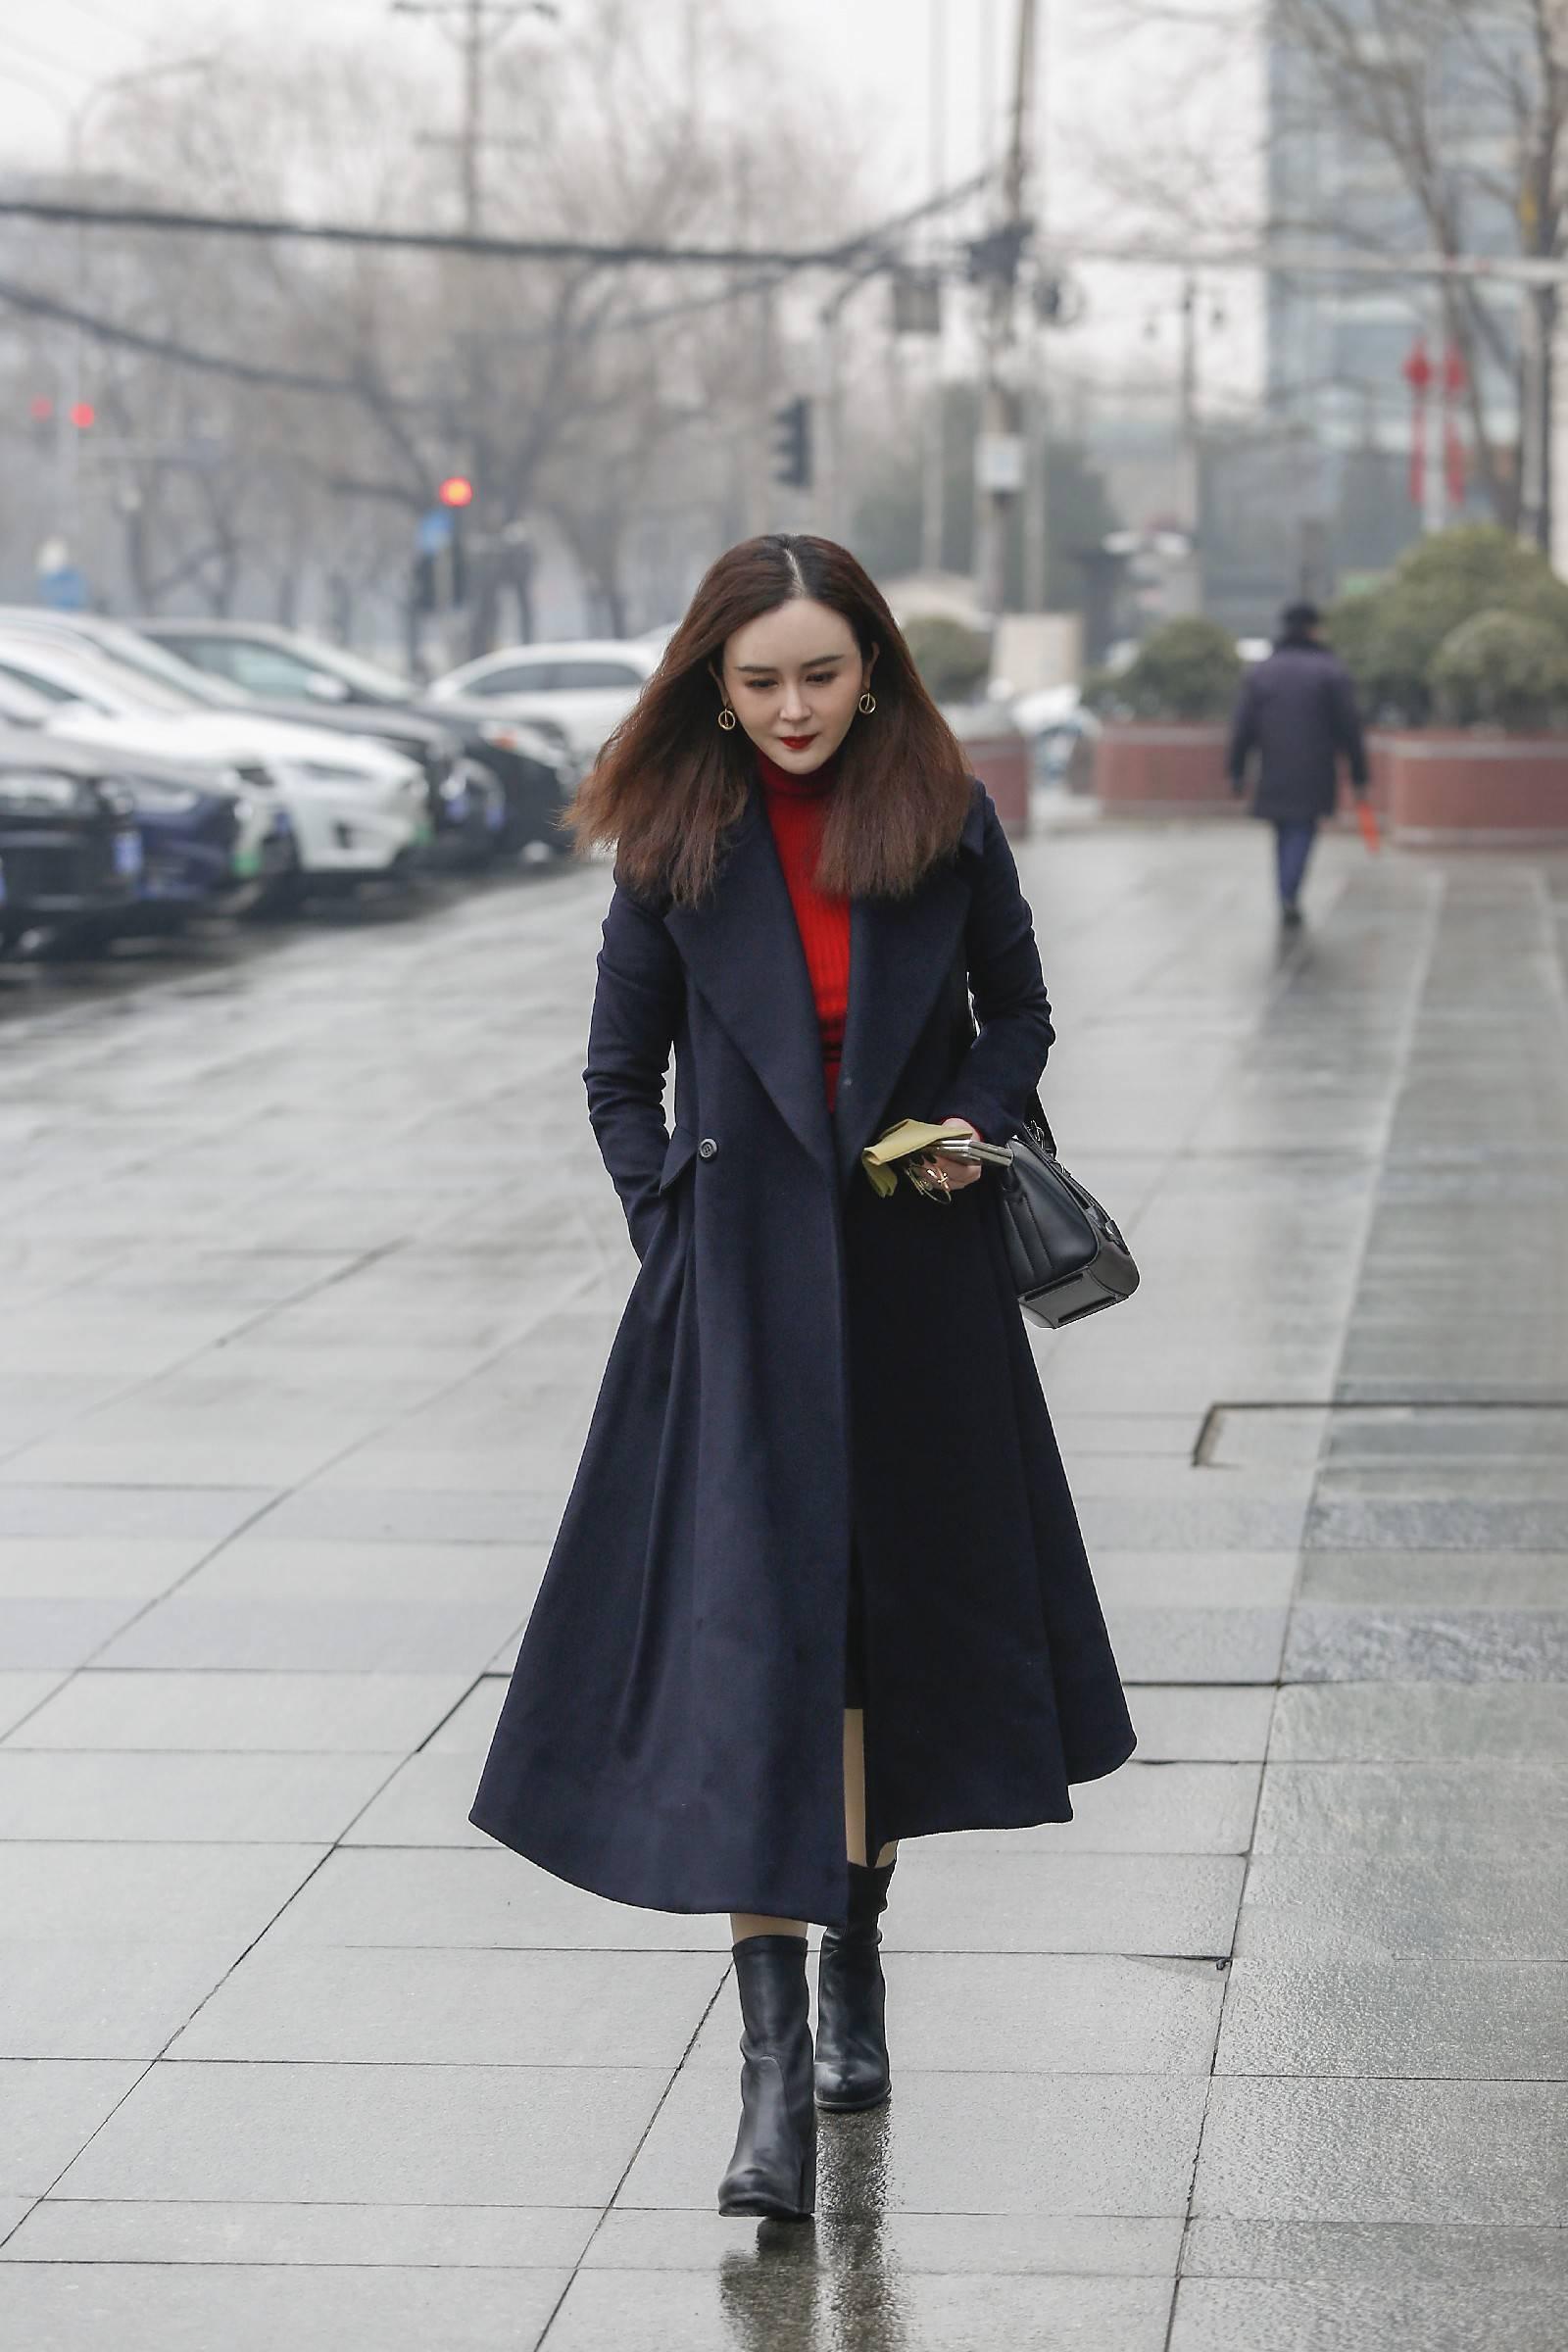 《【摩臣在线登陆注册】刘竞黑色大衣A到爆 商务干练时尚完美结合》